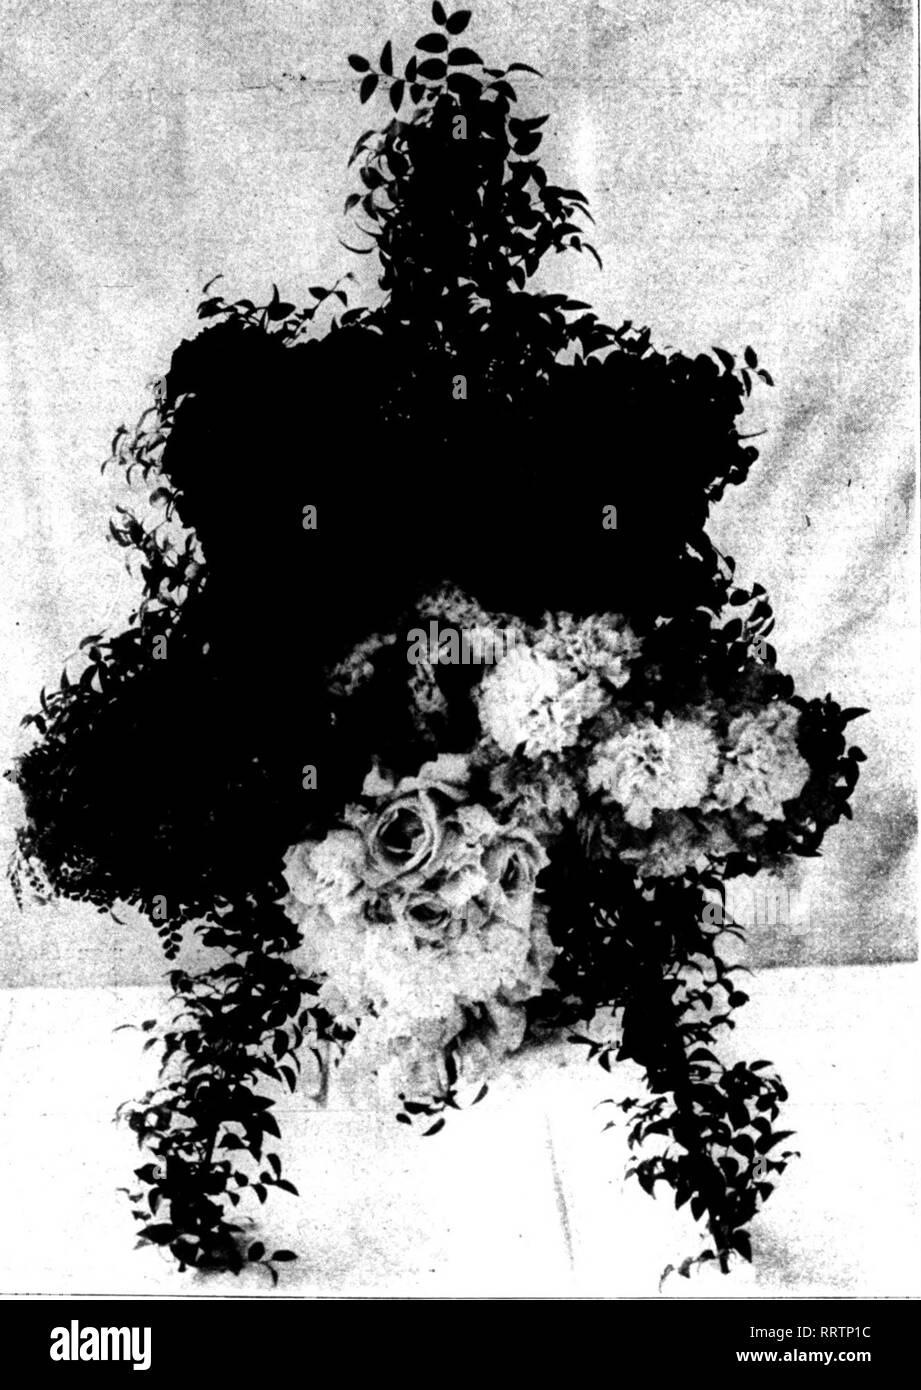 """. Fioristi' review [microformati]. Floricoltura. ALGCST 6, 1914. I fioristi^ Rassegna 13 i morti non è affatto lodevole, e quindi siamo diretti che l' uso di fiori all'obsequies nella chiesa non deve essere consentito in futuro. """"Questa lettera dovrebbe essere letta e il suo scopo ha spiegato al popolo la domenica dopo il suo ricevimento e anche in occasioni in cui accordi per i funerali vengono effettuate."""" I BUSINESS EMBARRASSMENTS. Orand Rapids, Michigan.-Il seguente è il programma presentato al tribunale distrettuale degli Stati Uniti qui 24 luglio dalla H. A. Fisher Co., di Kalamazoo, Mich, che ha chiesto di Immagini Stock"""